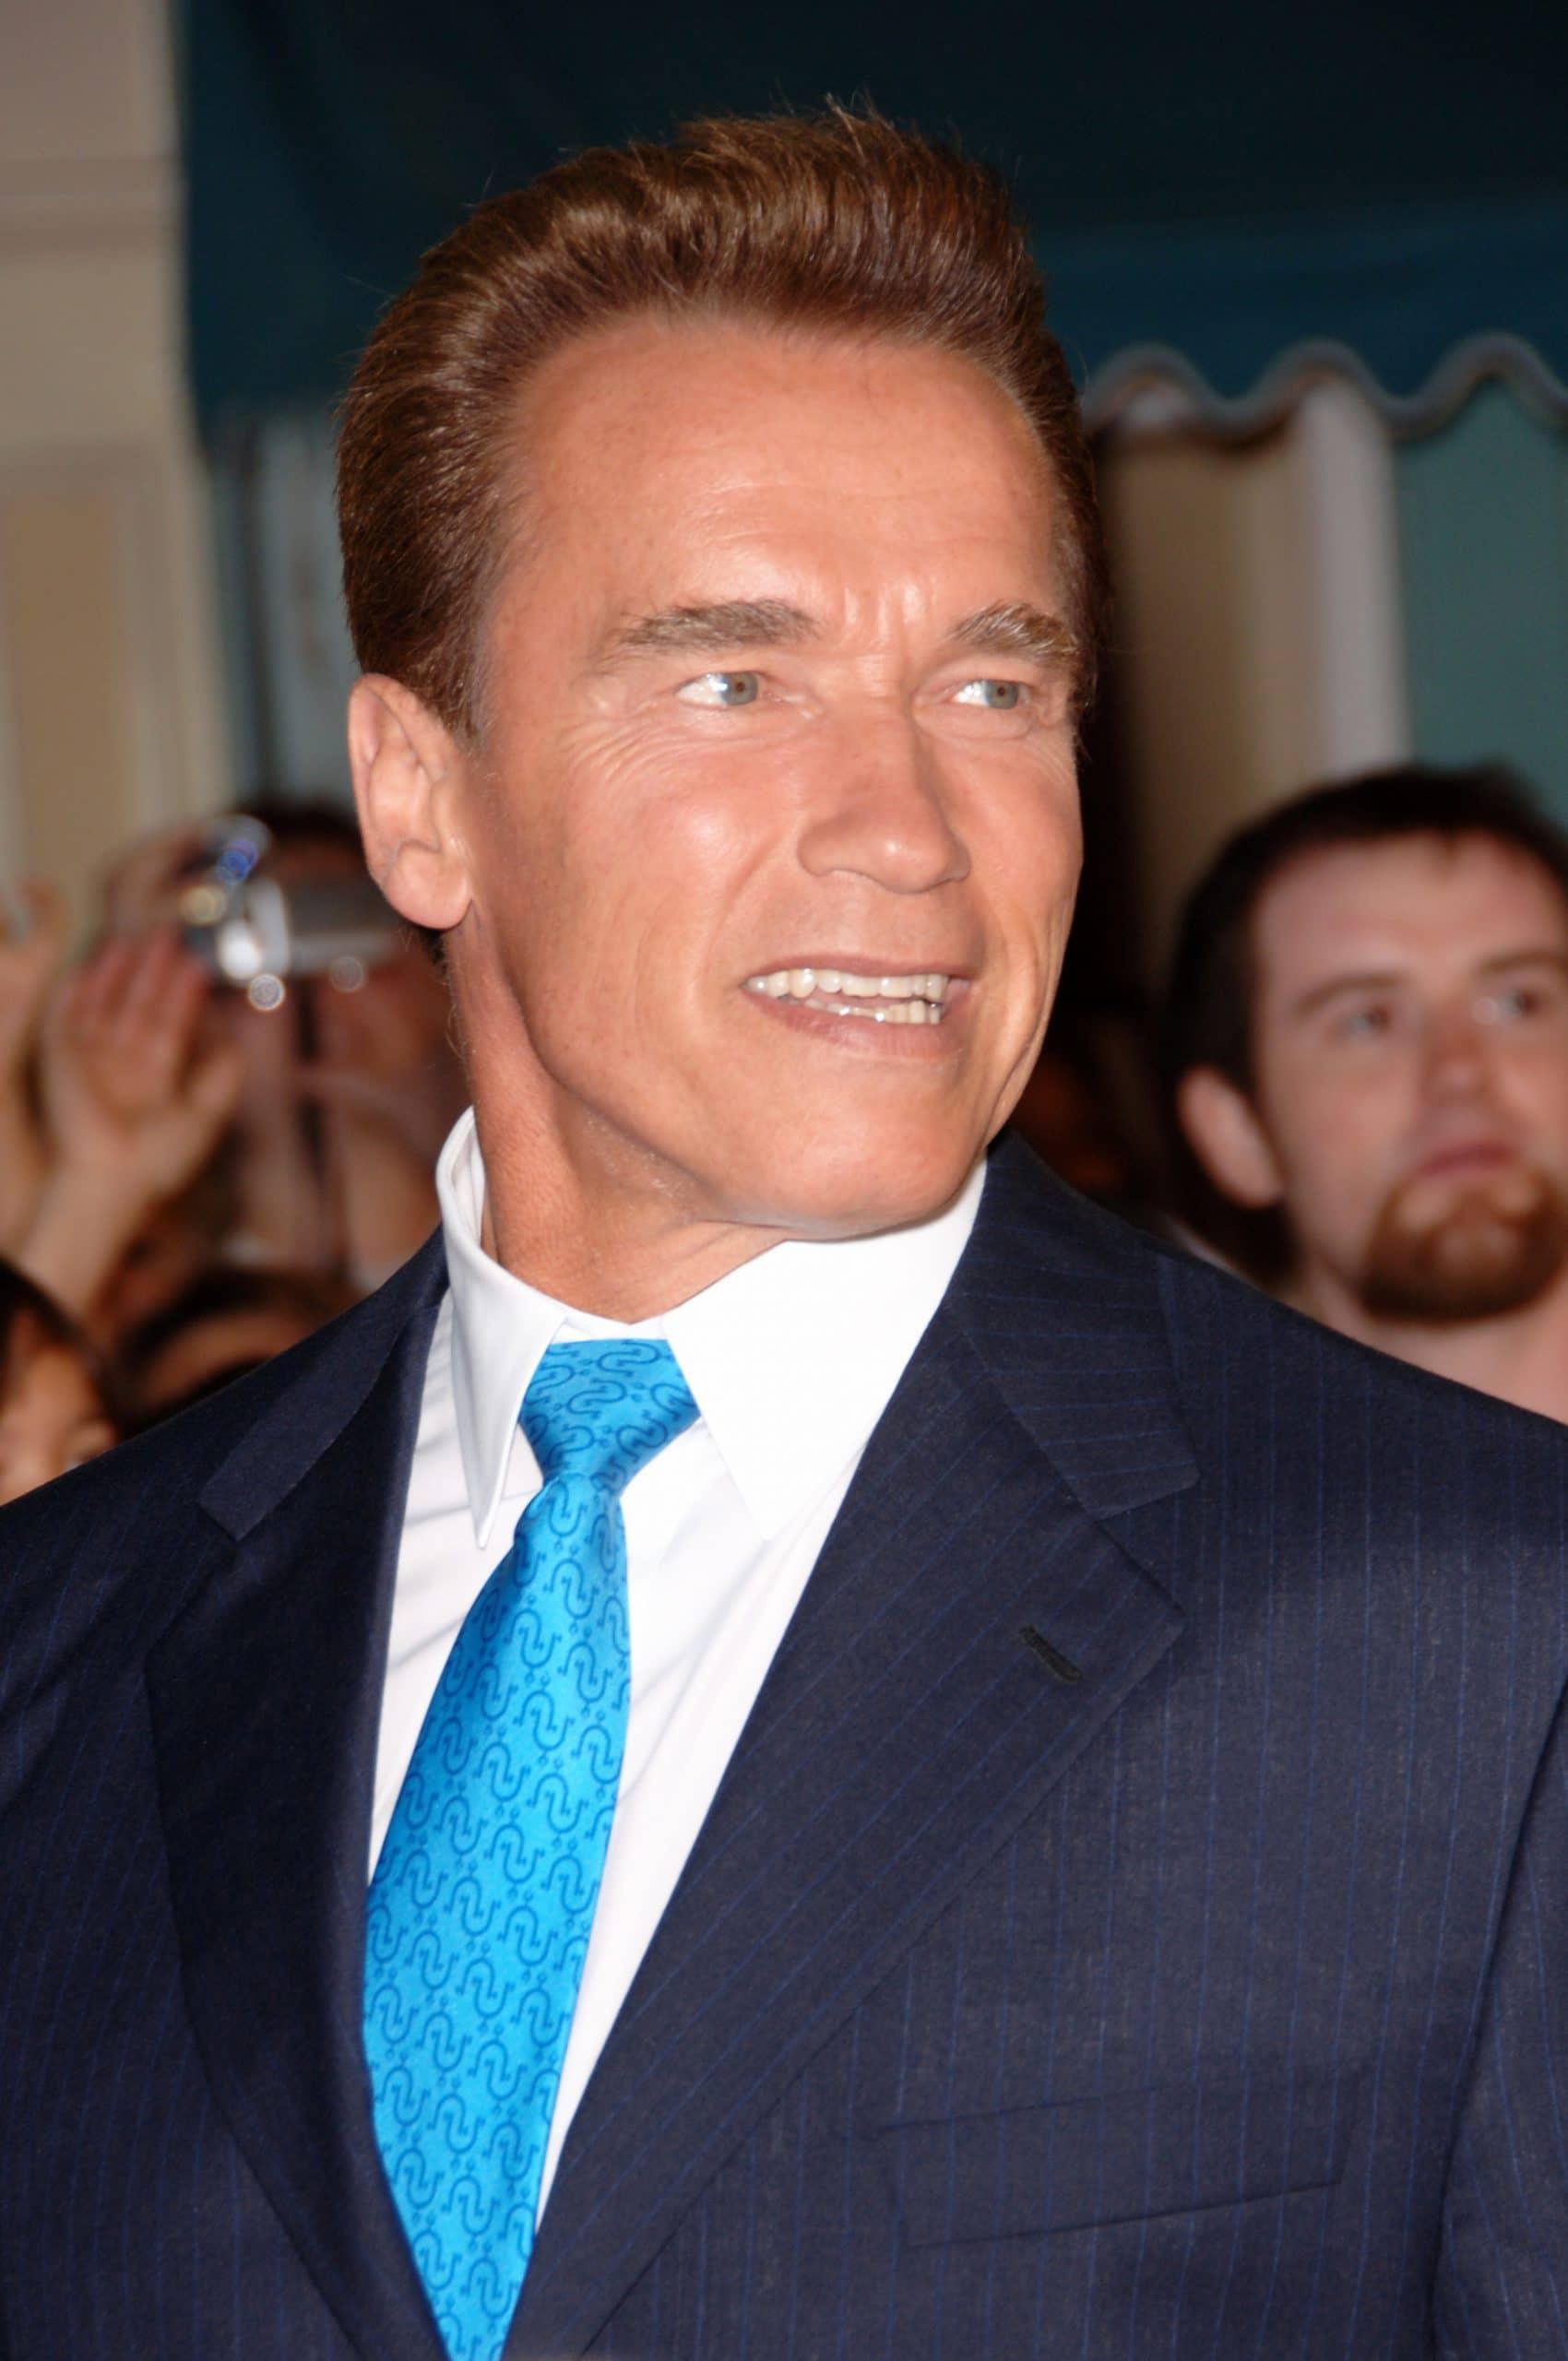 Actor & California Governor ARNOLD SCHWARZENEGGER